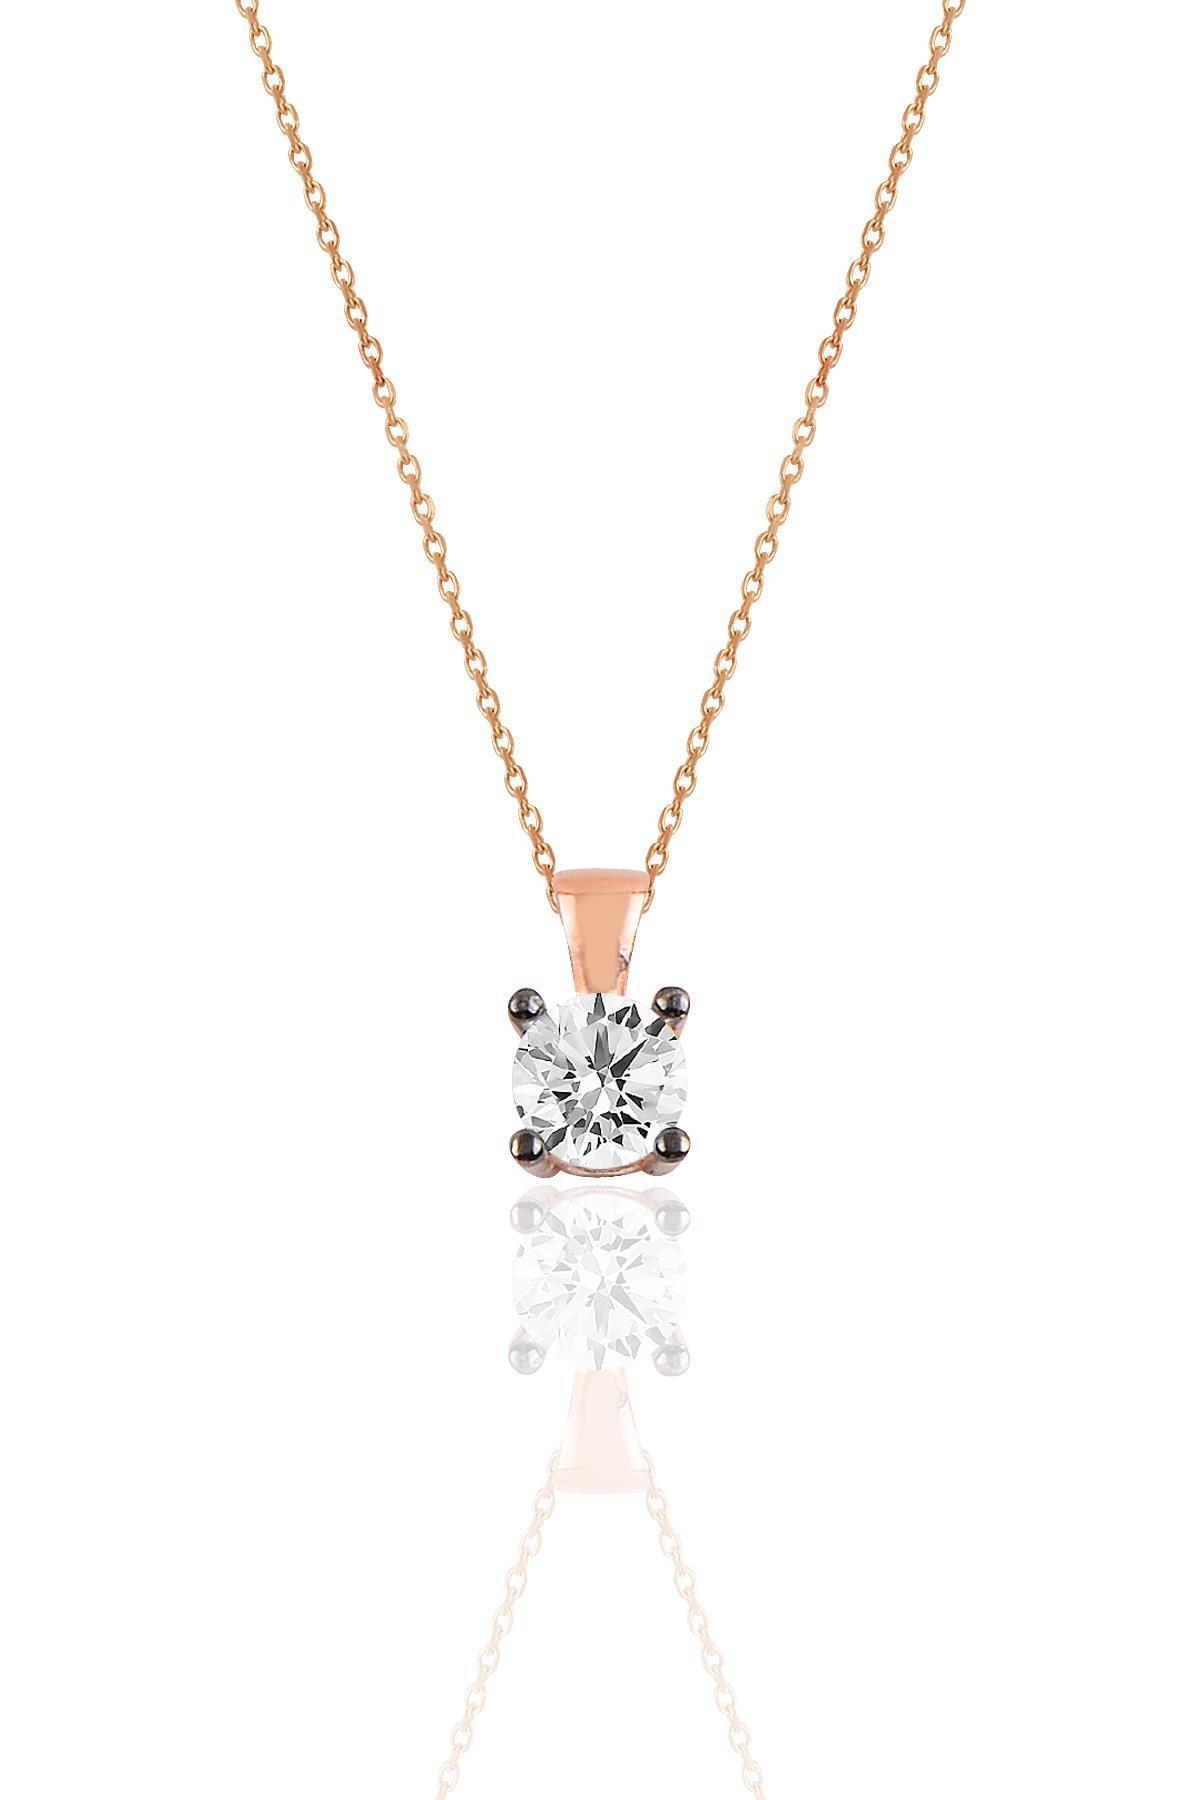 Söğütlü Silver Gümüş rose kolye ve küpe gümüş set 1